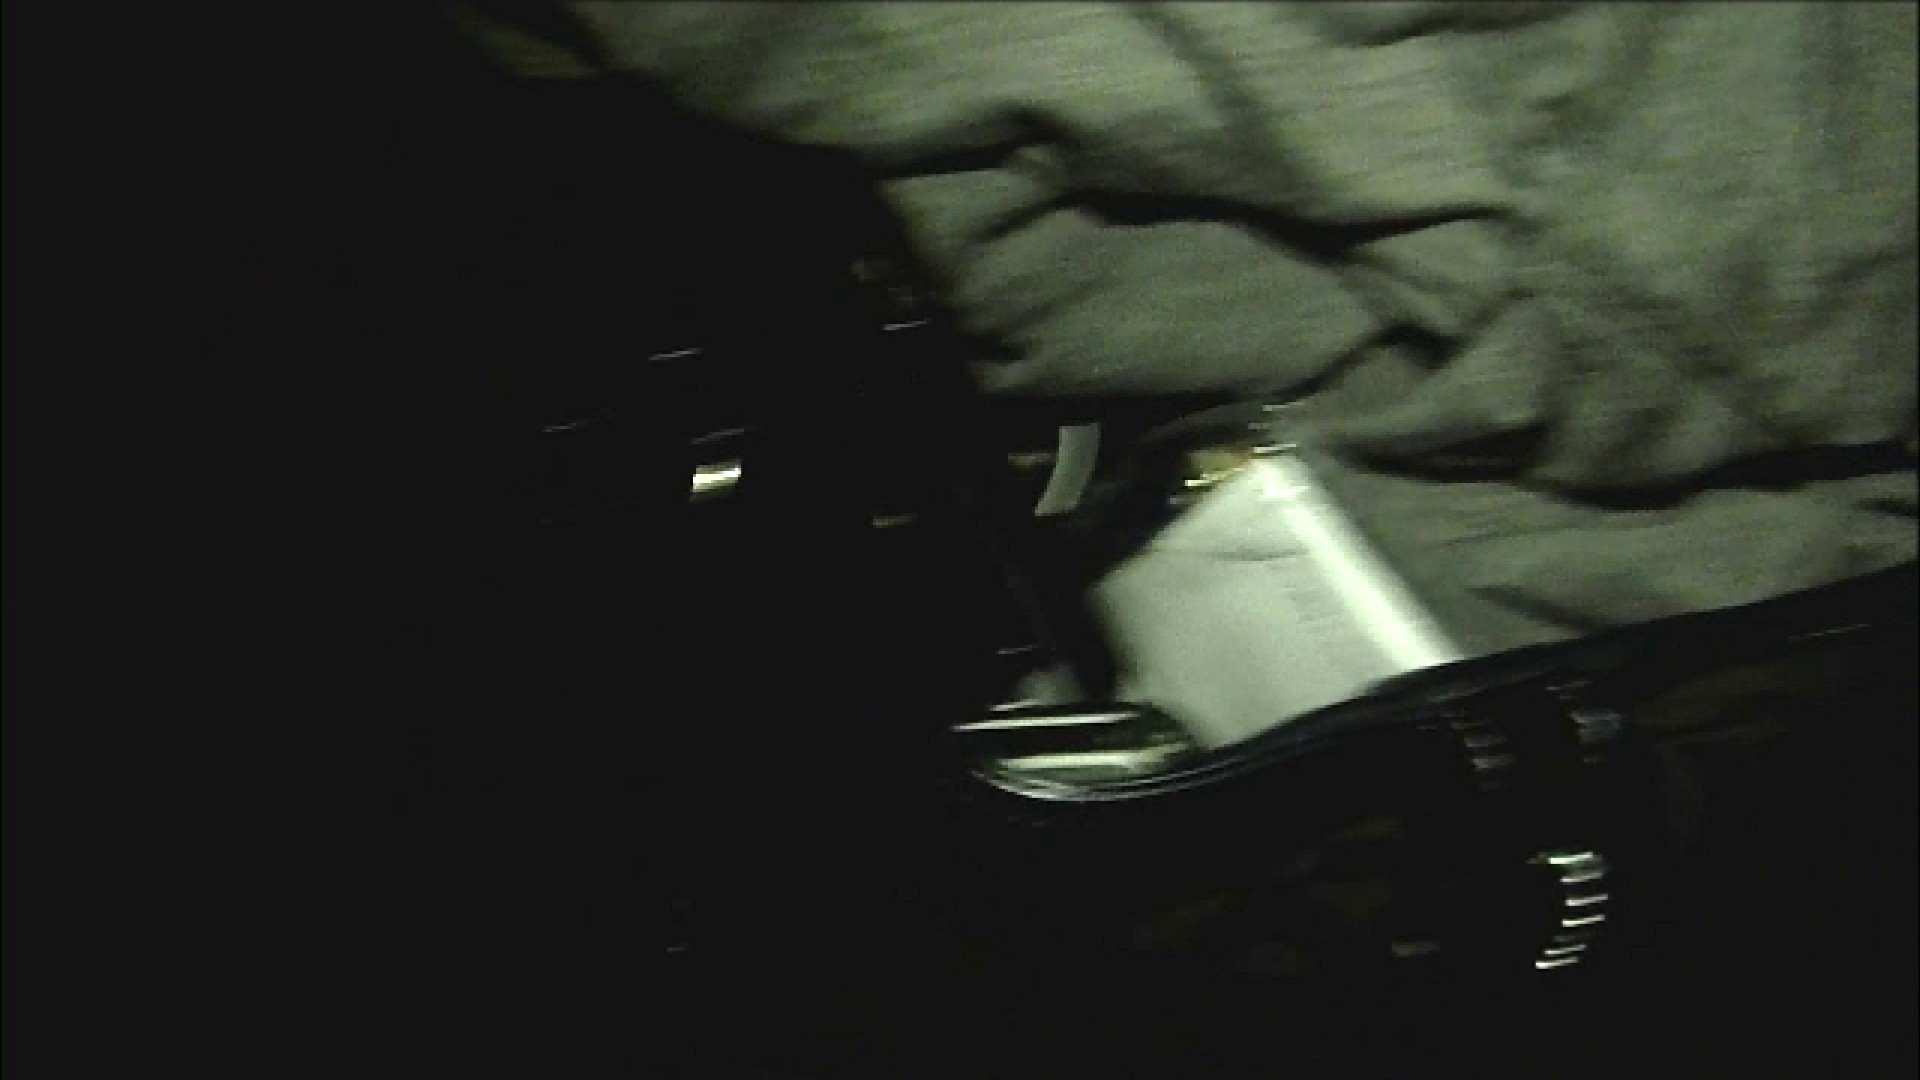 魔術師の お・も・て・な・し vol.01 20歳販売系 悪戯 オマンコ動画キャプチャ 61画像 17